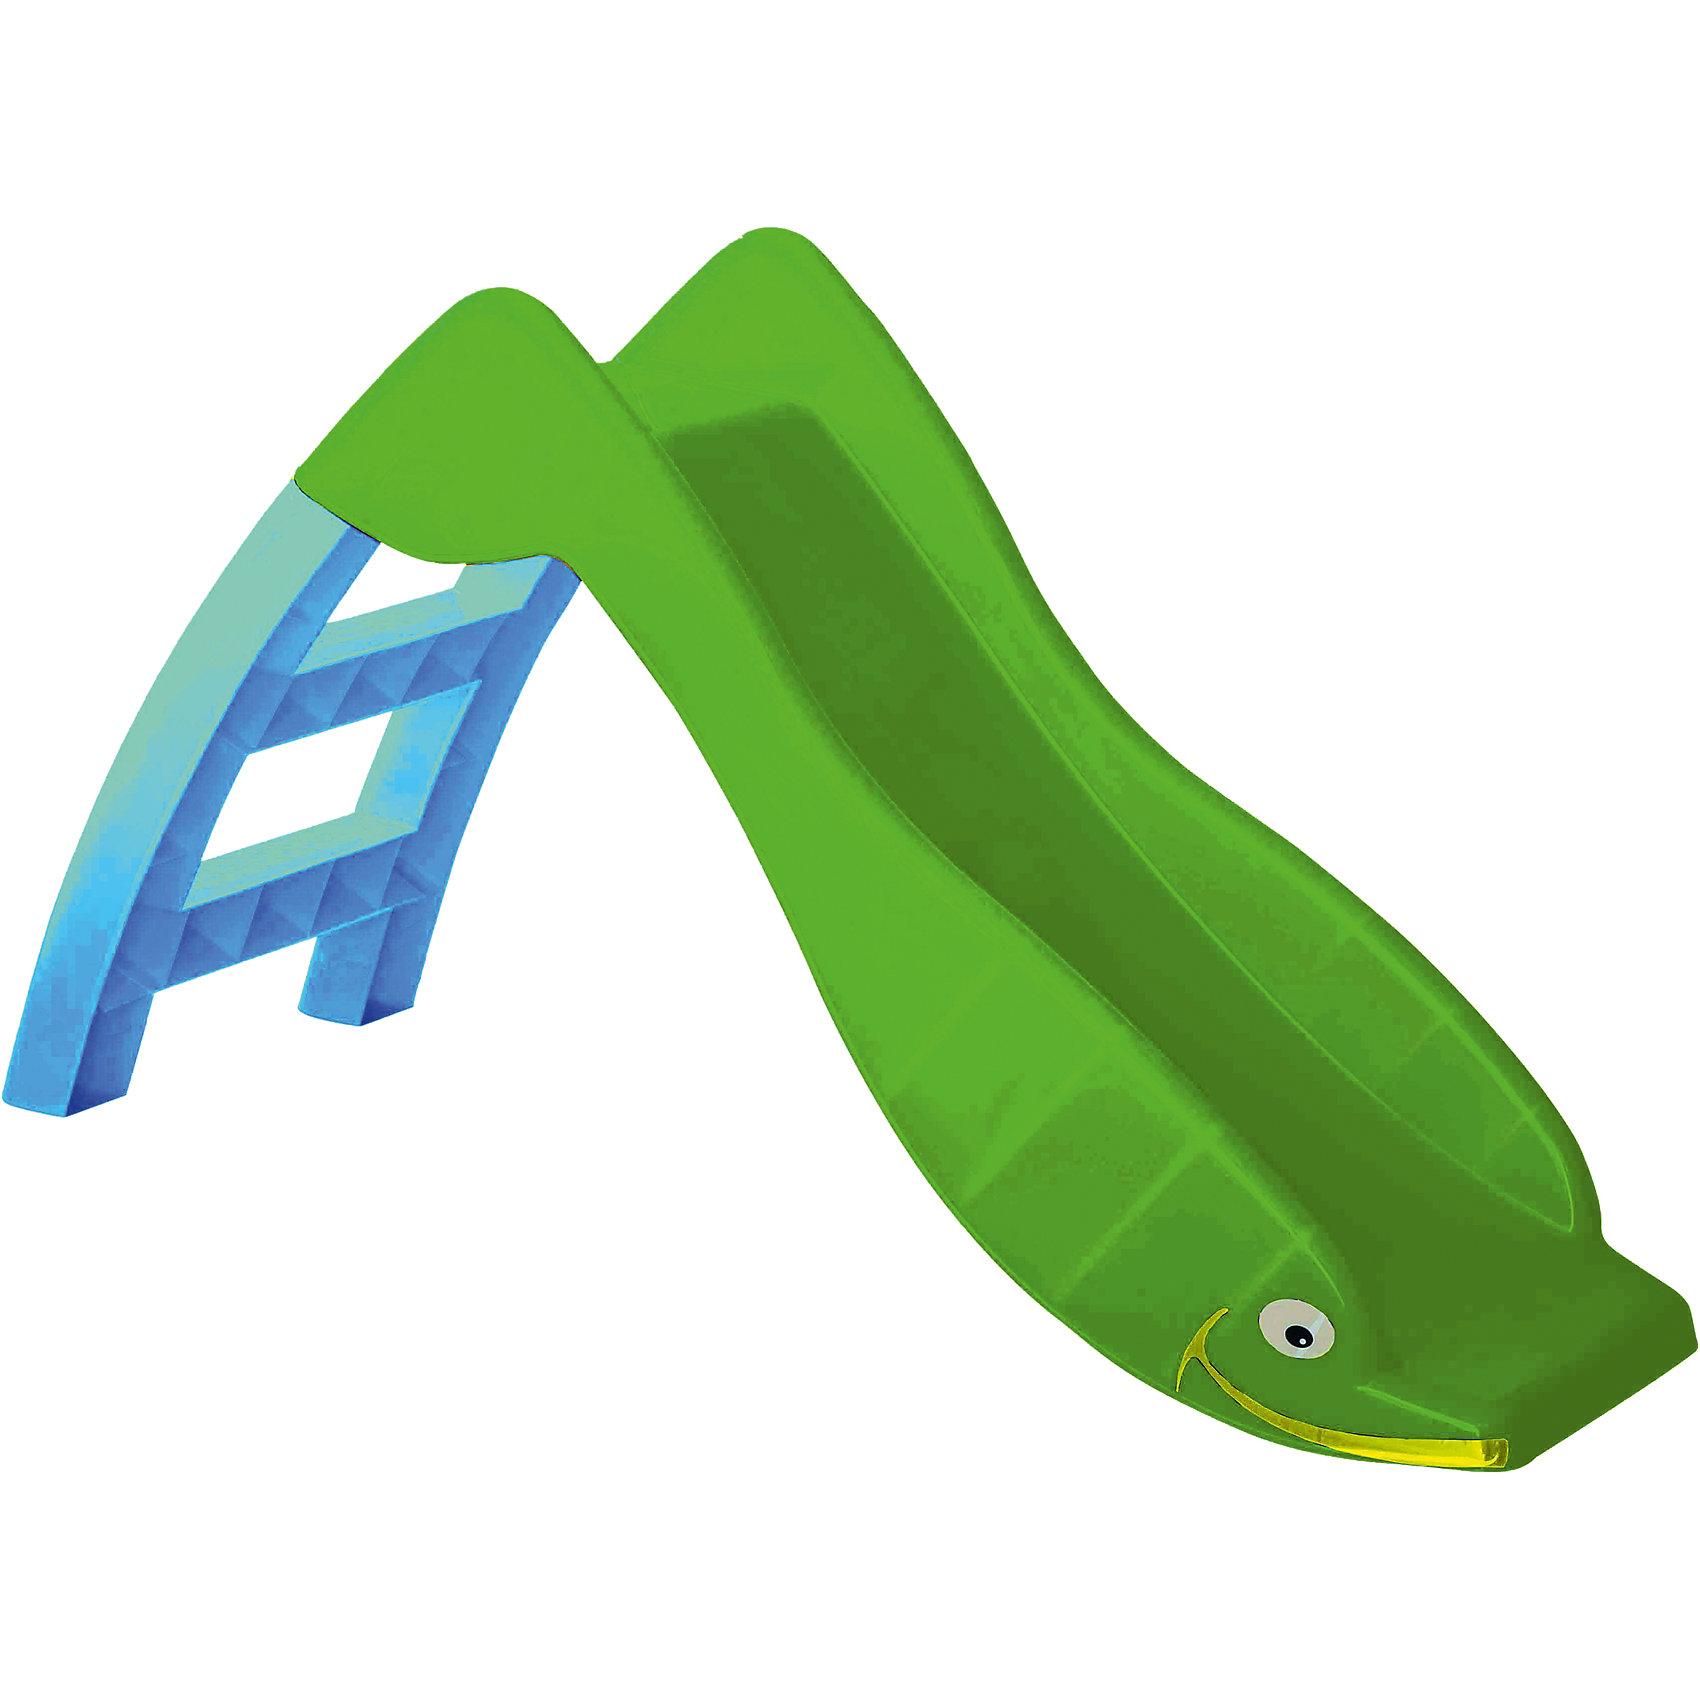 Горка, MarianplastMarianplast Горка Детская - красивая красочная горка для детей<br>от 1,5 лет.<br><br>Горка легко собирается, не имеет острых углов, изготовлена из высокопрочного структурного пластика. Расстояние между ступенями лестницы рассчитано специально на малышей.<br><br>Дополнительная информация:<br><br>- Размер: 420ммX1230ммX680мм<br>- Размер упаковки: 430ммX1080ммX240мм<br>- Вес: 3800 гр<br>- Допустимая нагрузка 40 кг.<br><br>Горка стимулирует малыша к активным действиям и движению, развивает воображение. Яркая и красочная, она обязательно понравится вашему ребенку.<br><br>Ширина мм: 680<br>Глубина мм: 1230<br>Высота мм: 420<br>Вес г: 3750<br>Возраст от месяцев: 24<br>Возраст до месяцев: 84<br>Пол: Унисекс<br>Возраст: Детский<br>SKU: 4181792